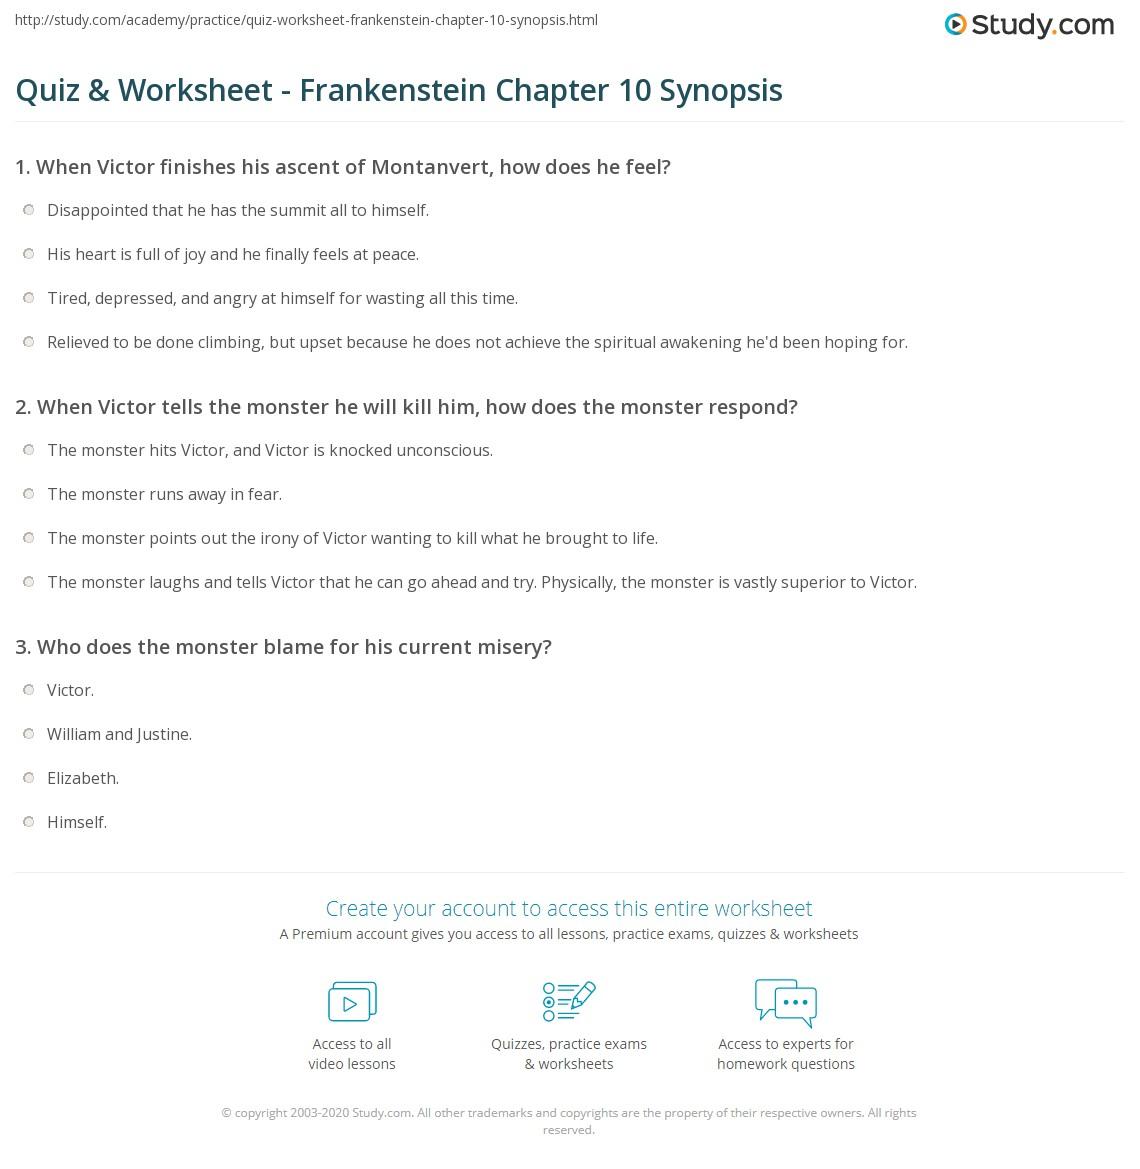 quiz worksheet frankenstein chapter 10 synopsis study com rh study com frankenstein study guide answers chapters 11-16 frankenstein study guide answers